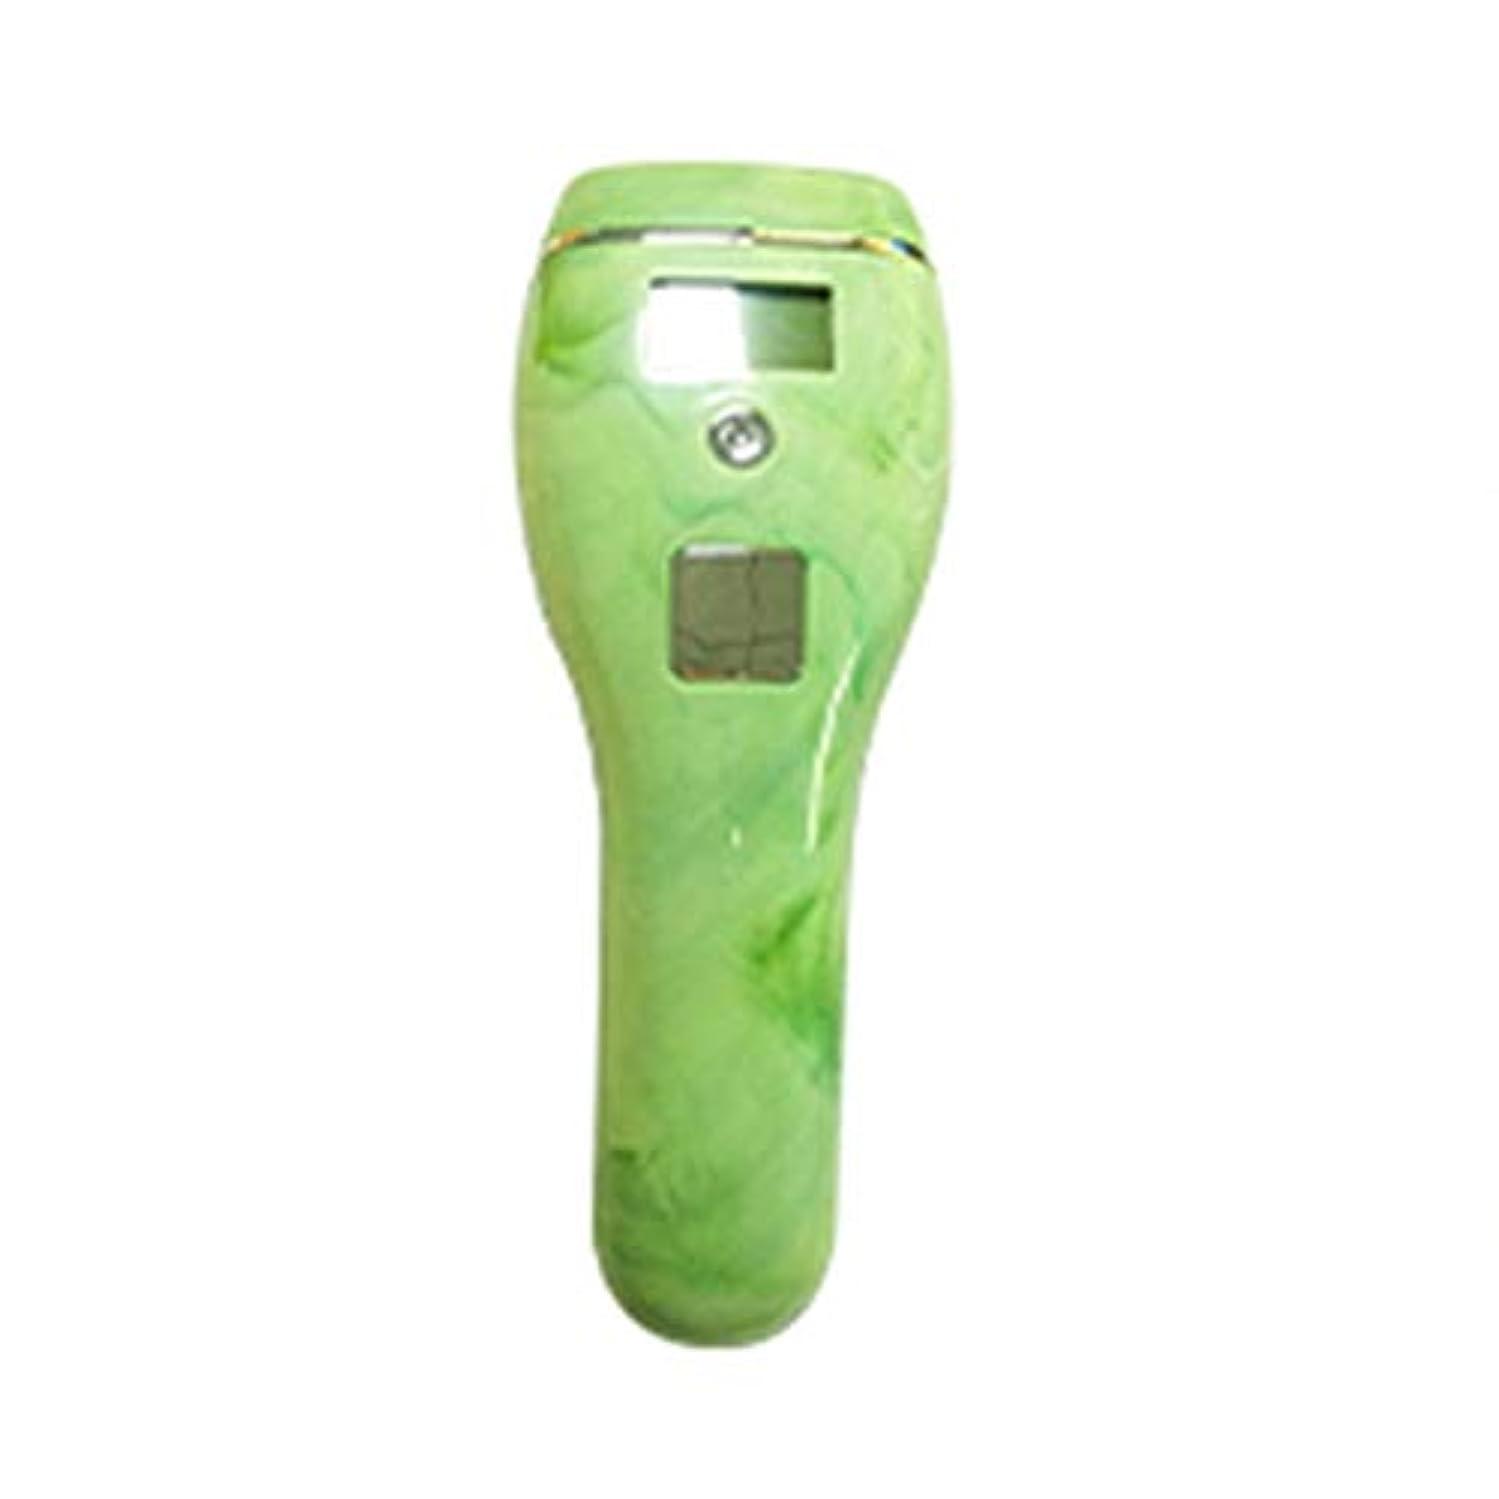 自動肌のカラーセンシング、グリーン、5速調整、クォーツチューブ、携帯用痛みのない全身凍結乾燥用除湿器、サイズ19x7x5cm 安全性 (Color : Green)